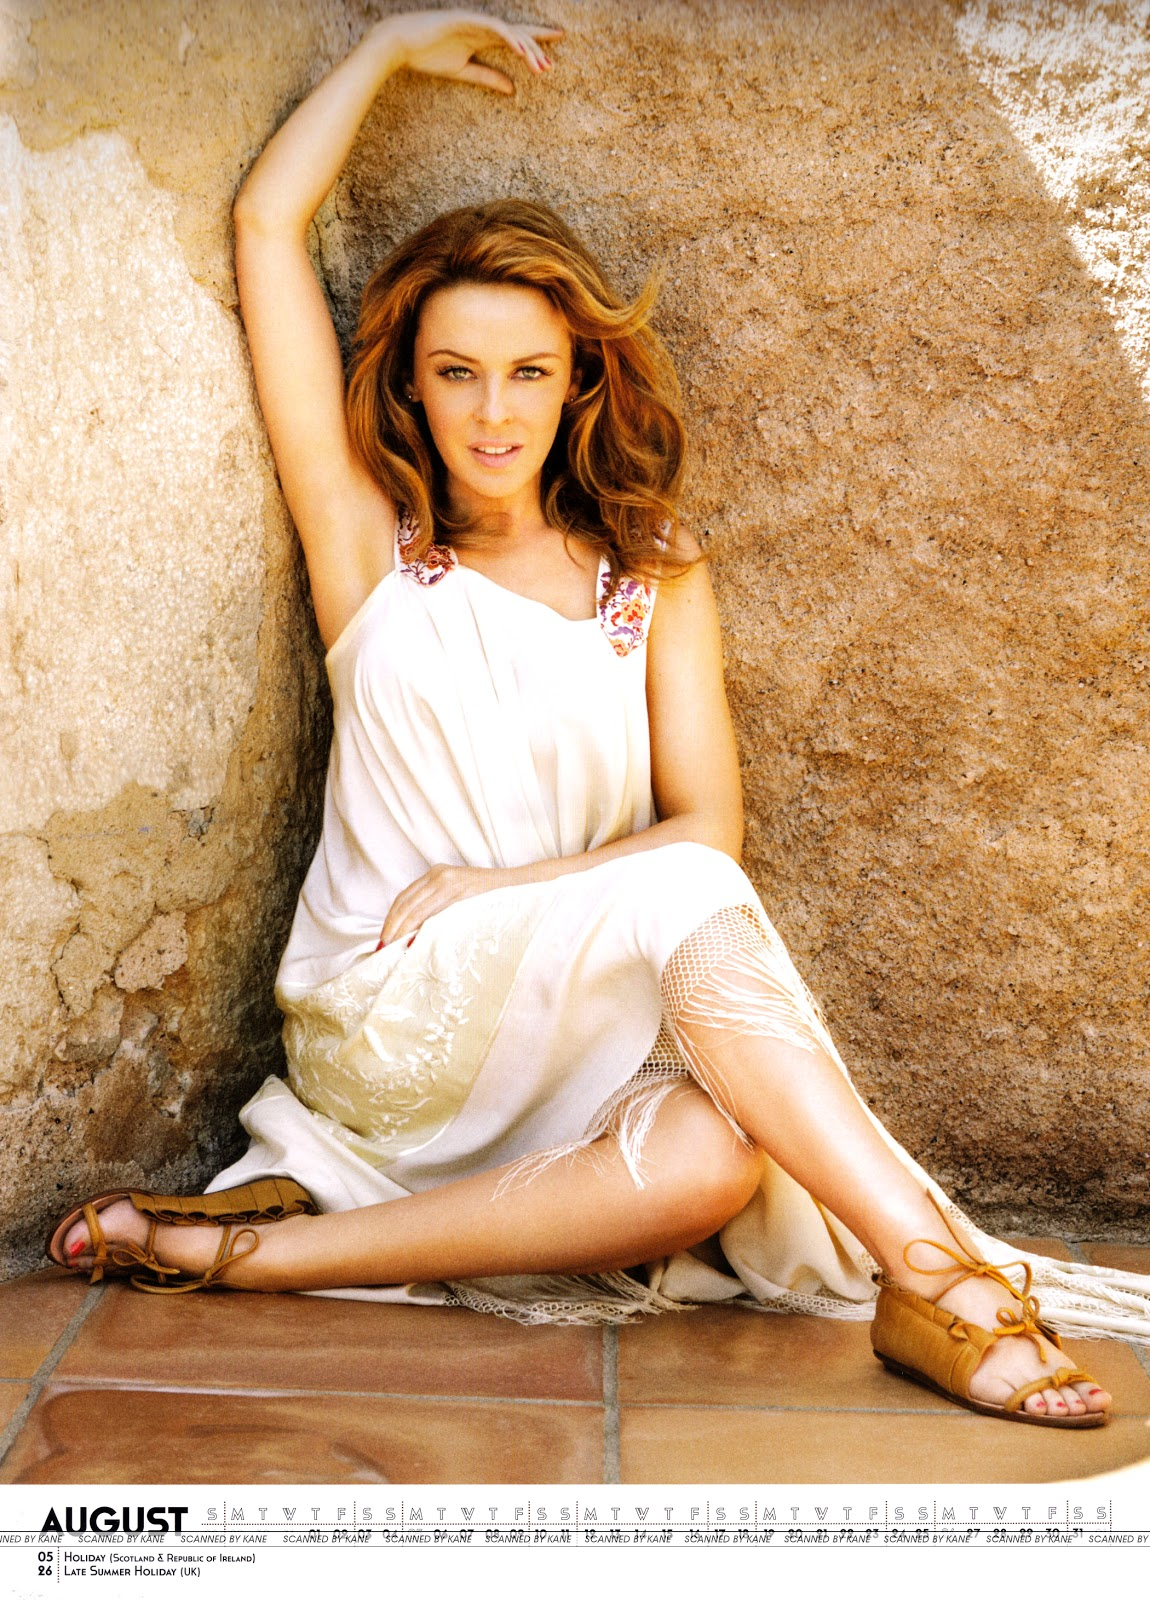 http://4.bp.blogspot.com/-CaO6v5PD2MY/UHwBiyMc4SI/AAAAAAAATTo/PxGnz1o6nCo/s1600/Kylie+Minogue+-+Official+2013+Calendar+-09.jpg